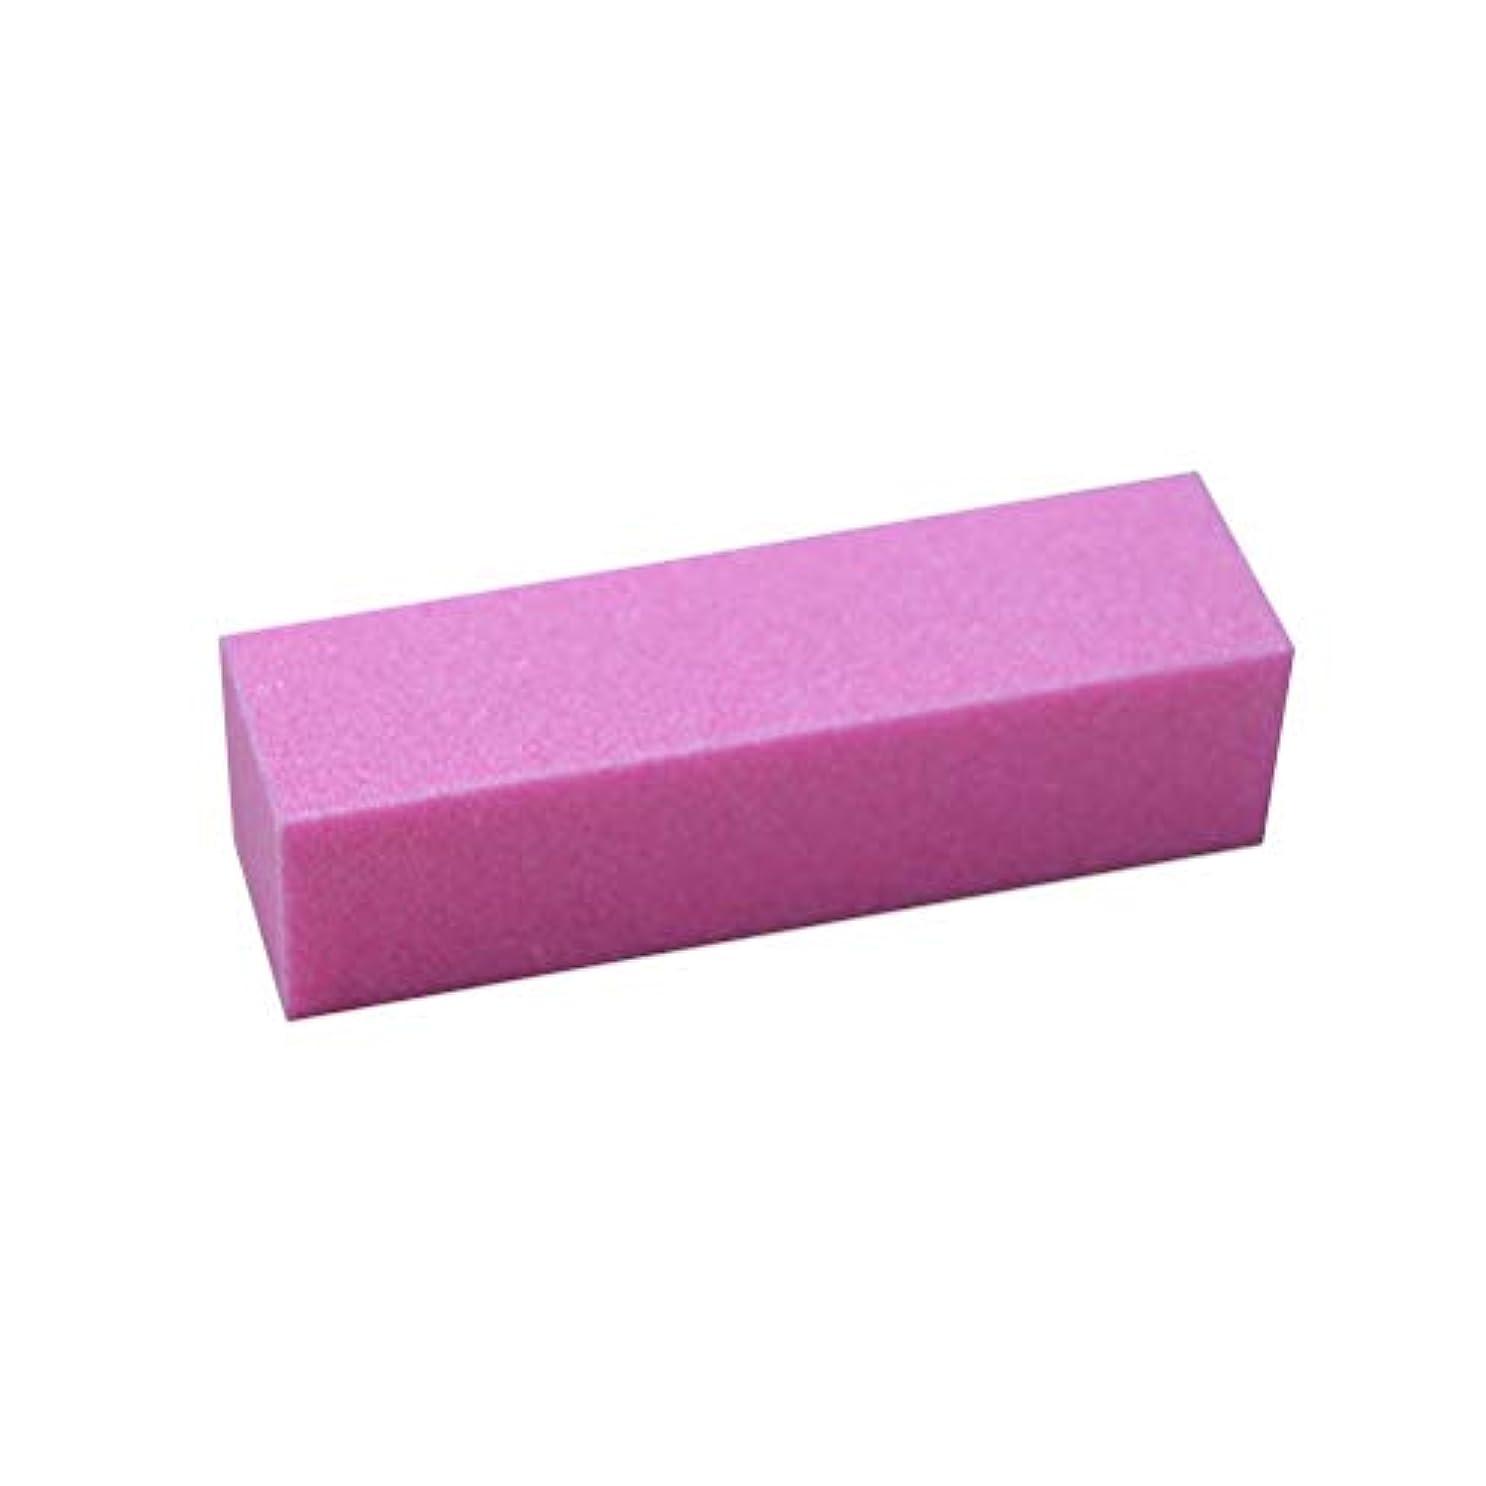 メナジェリー交じる素晴らしい良い多くのLURROSE サンディングバフネイルポリッシャーポリッシュバッファバフブロックネイルファイルマニキュアアートペディキュアケアツール(ピンク)